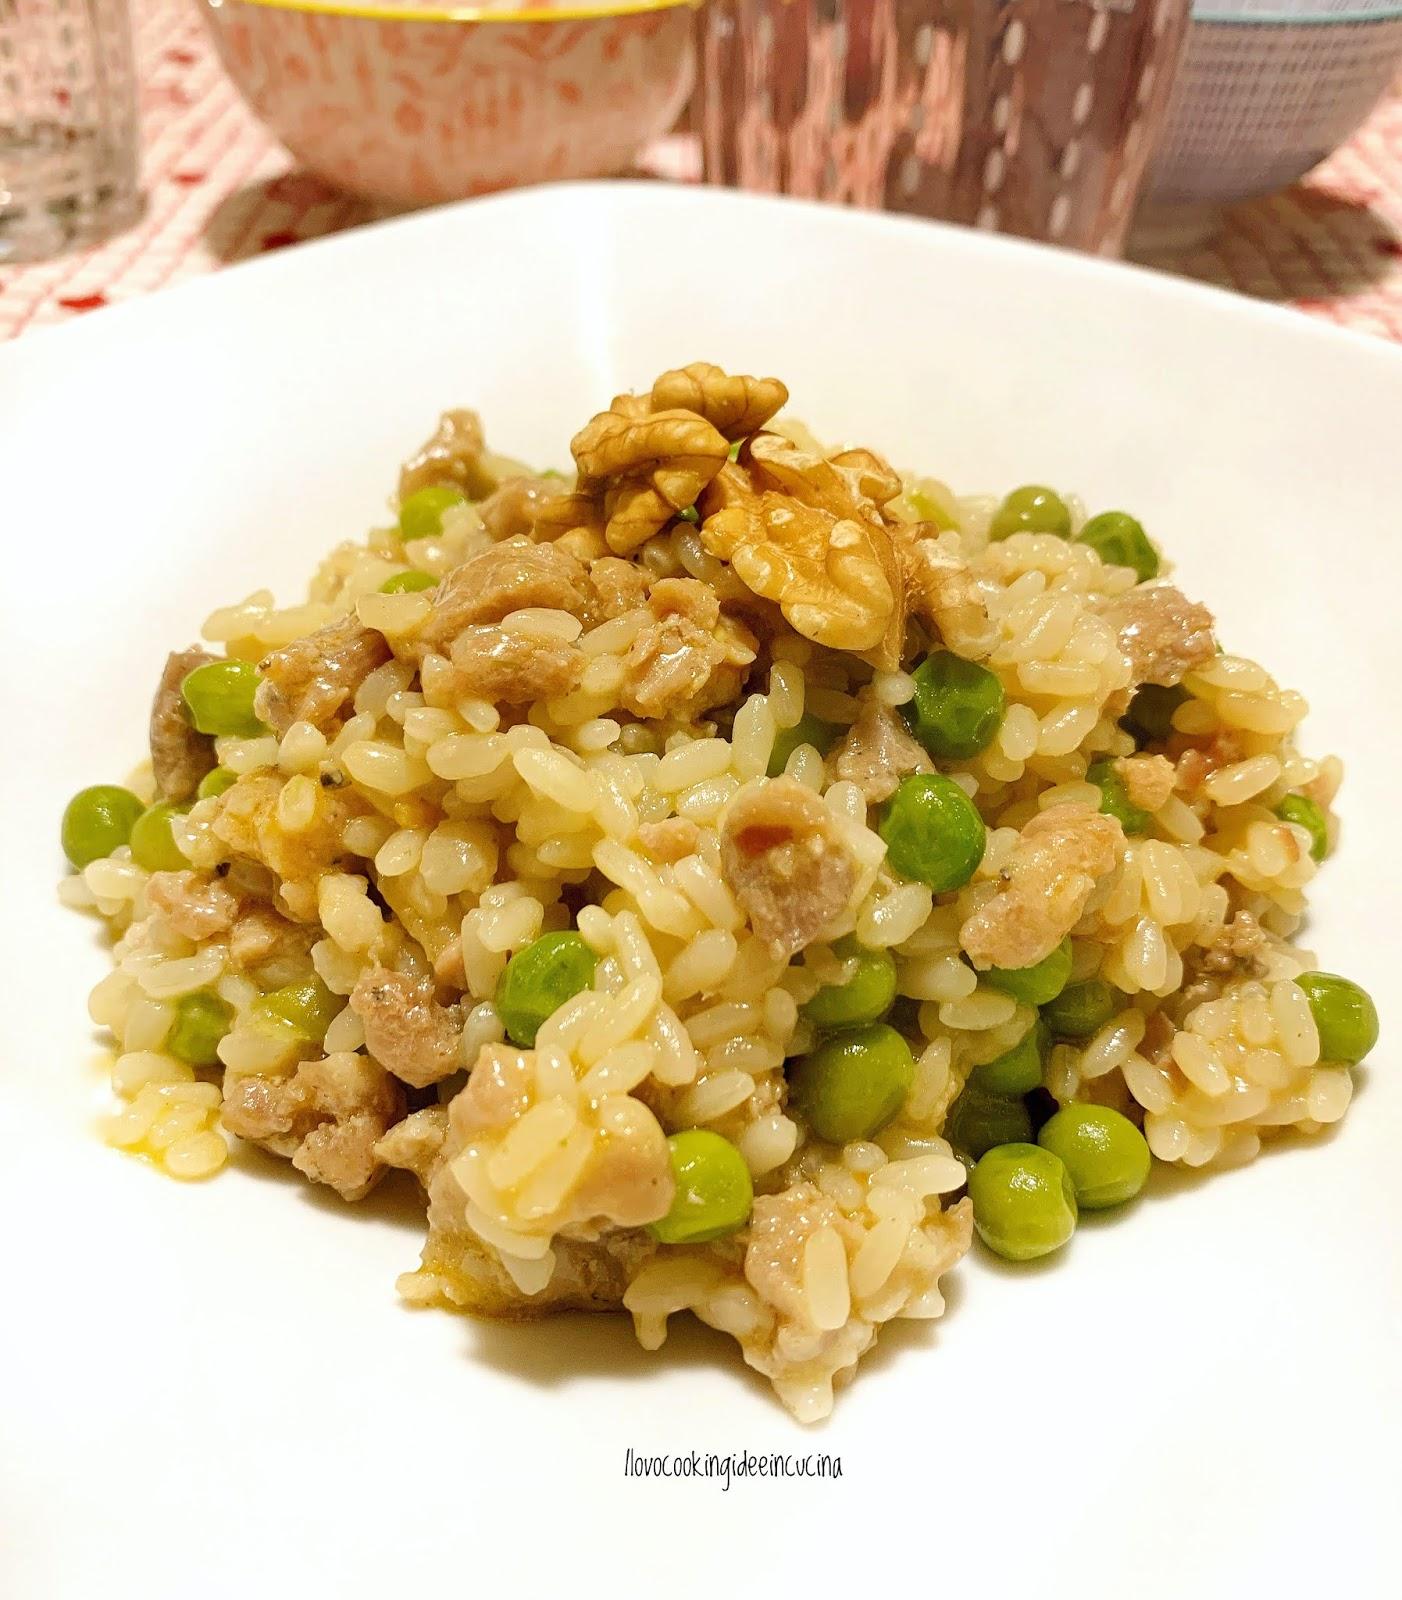 Ilovecooking_idee_in_cucina: Risotto Salsiccia, Piselli & Noci